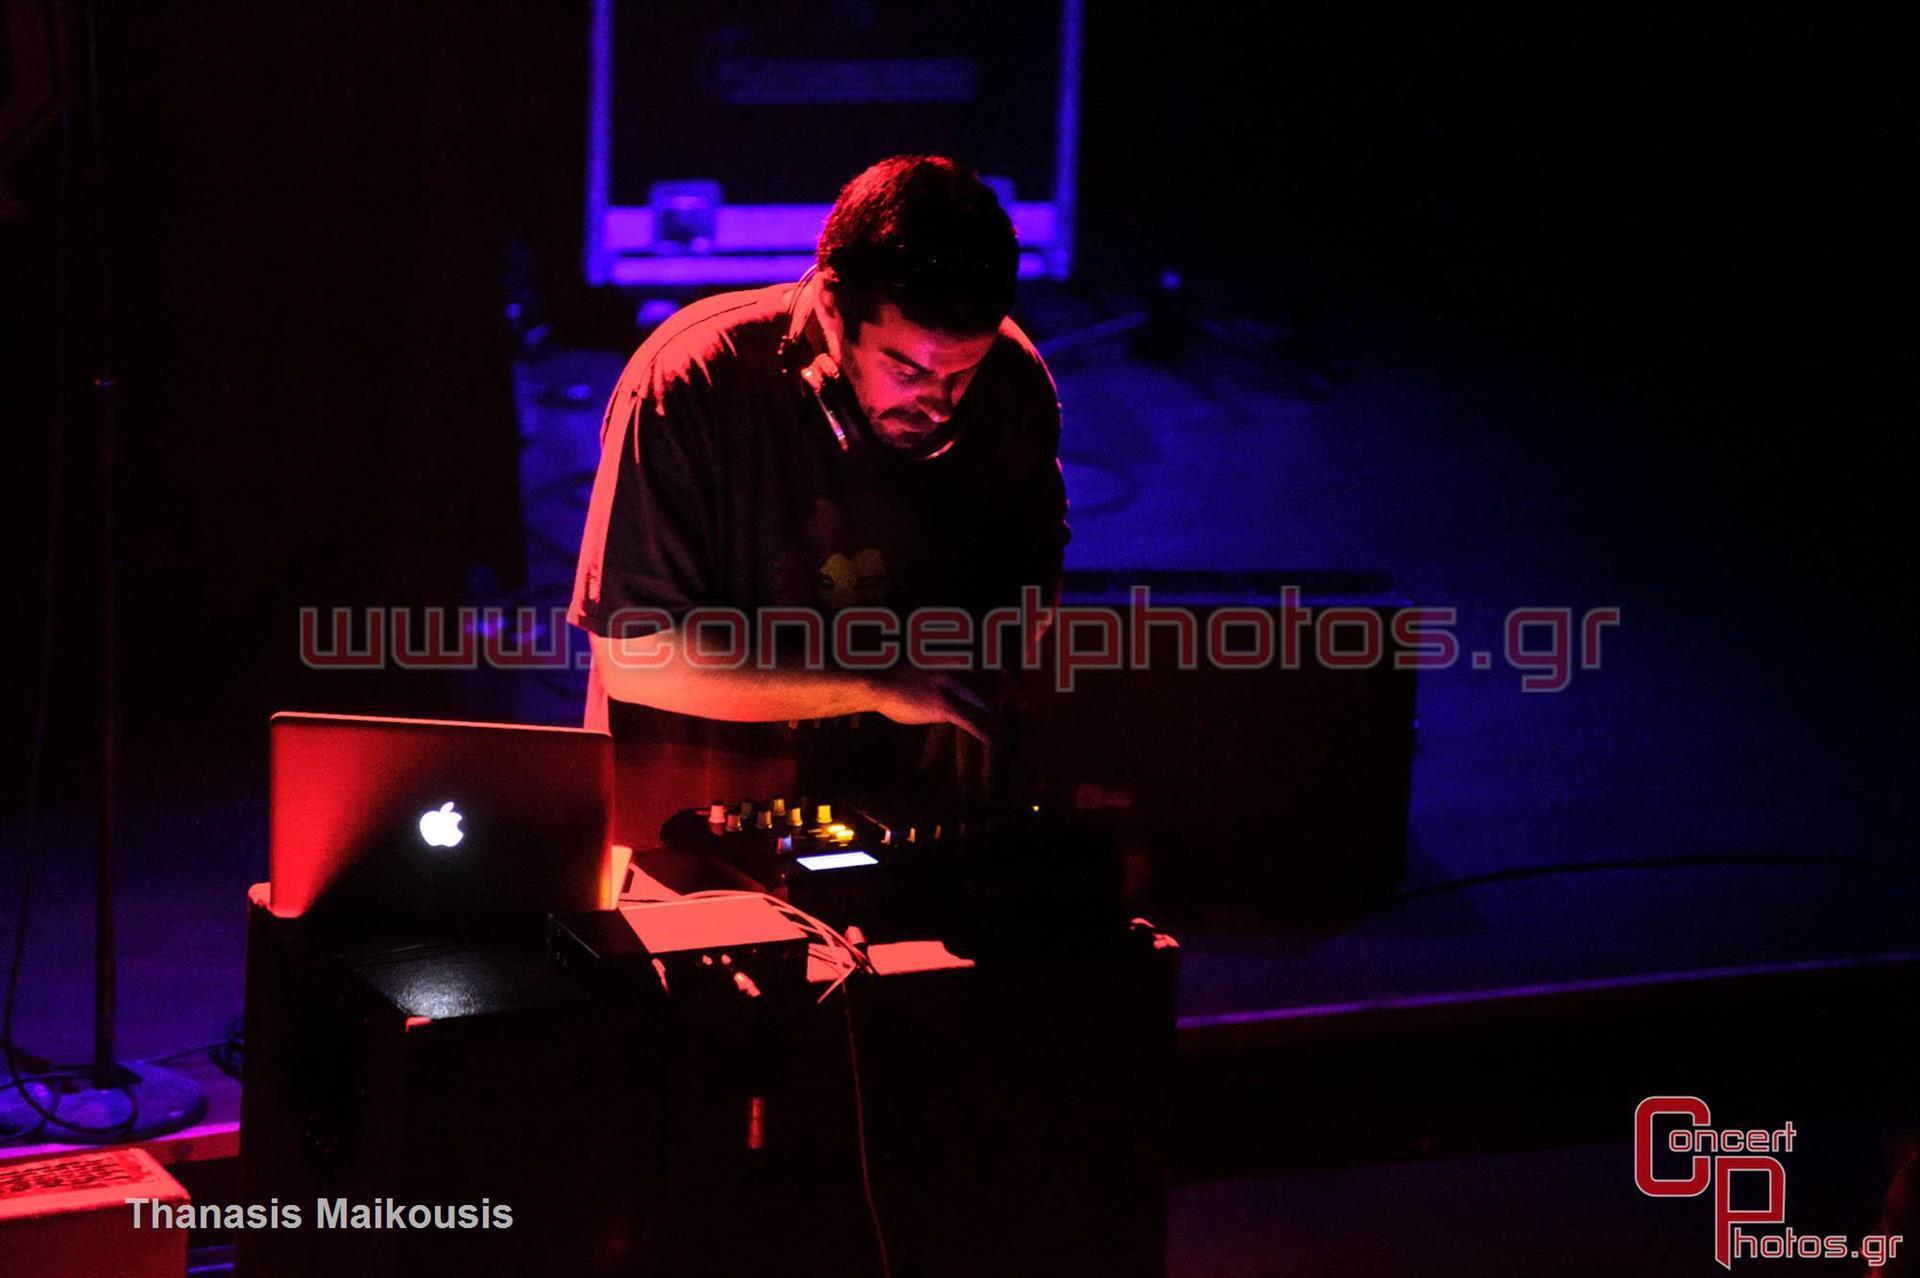 Wax Tailor - photographer: Thanasis Maikousis - ConcertPhotos-7559